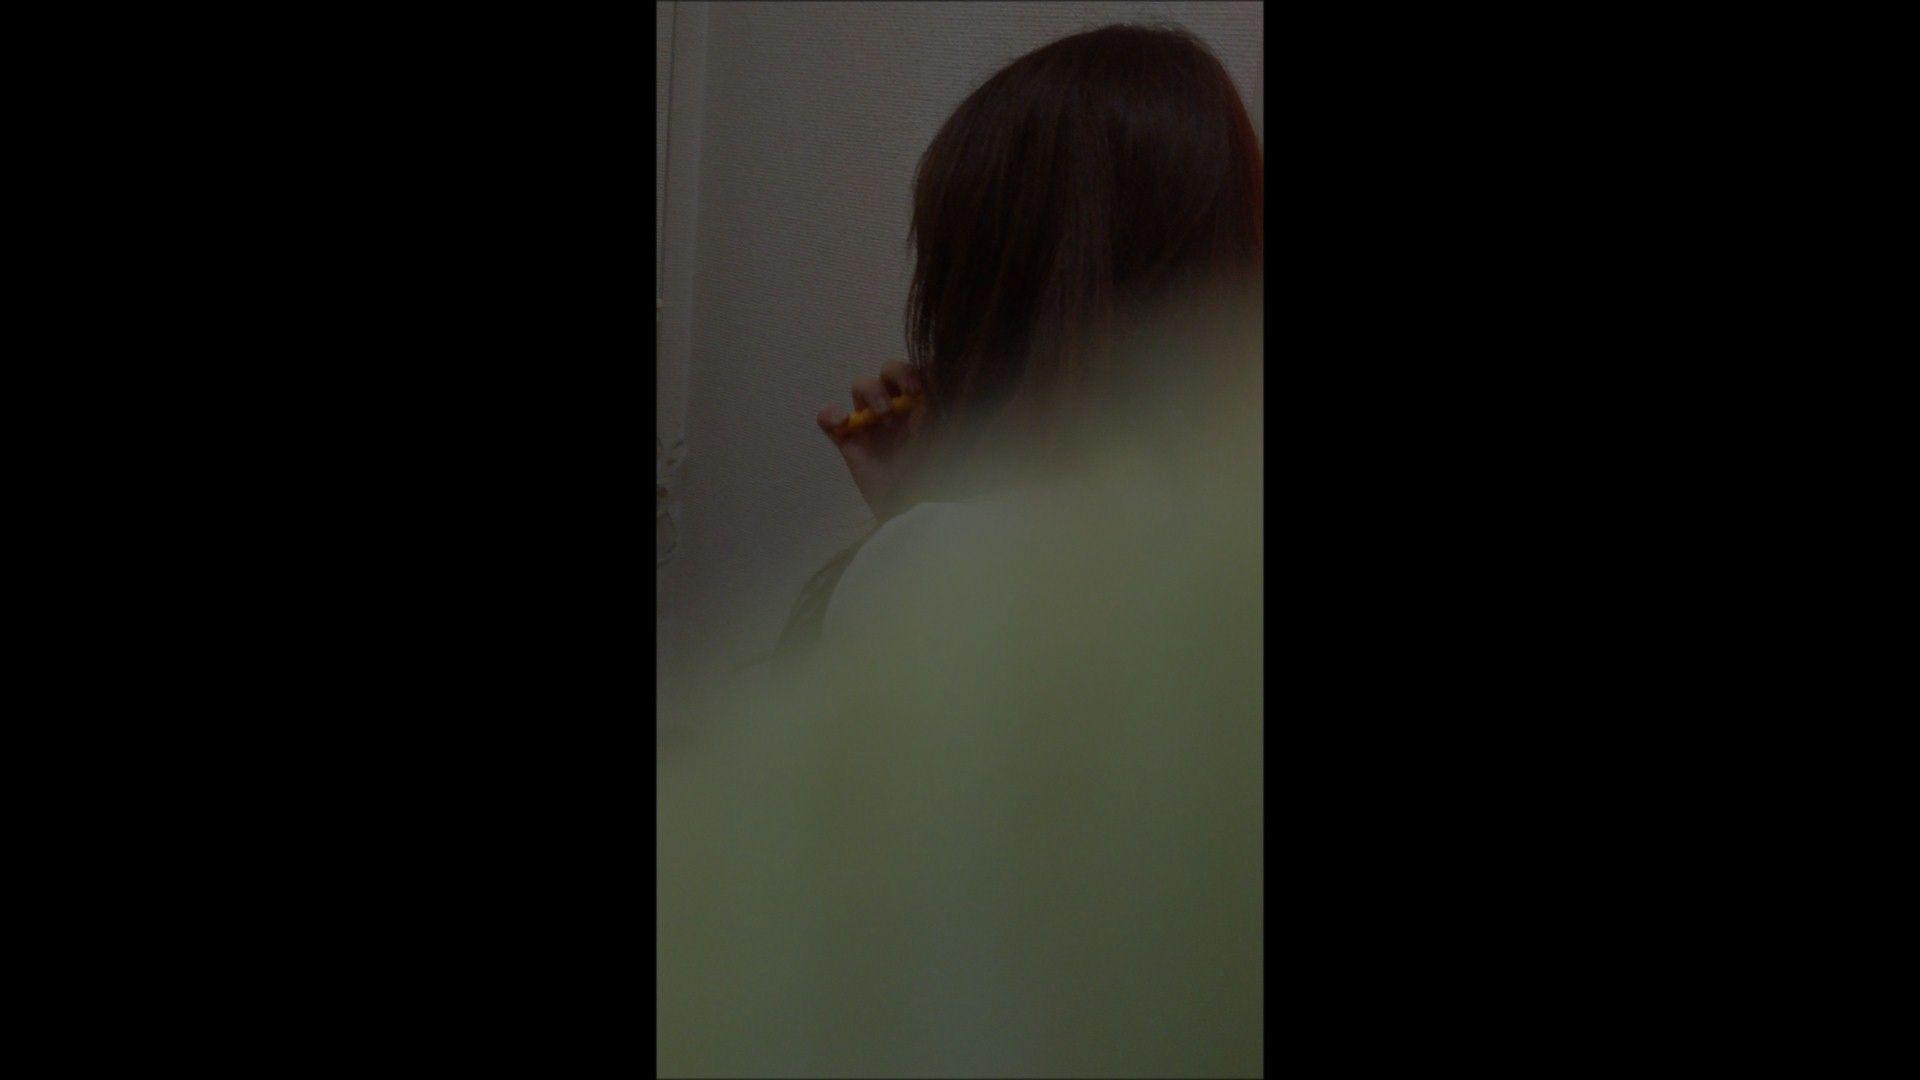 08(8日目)メイク中の彼女の顔を撮りました! マンコ特集 | オマンコ丸見え  59連発 4